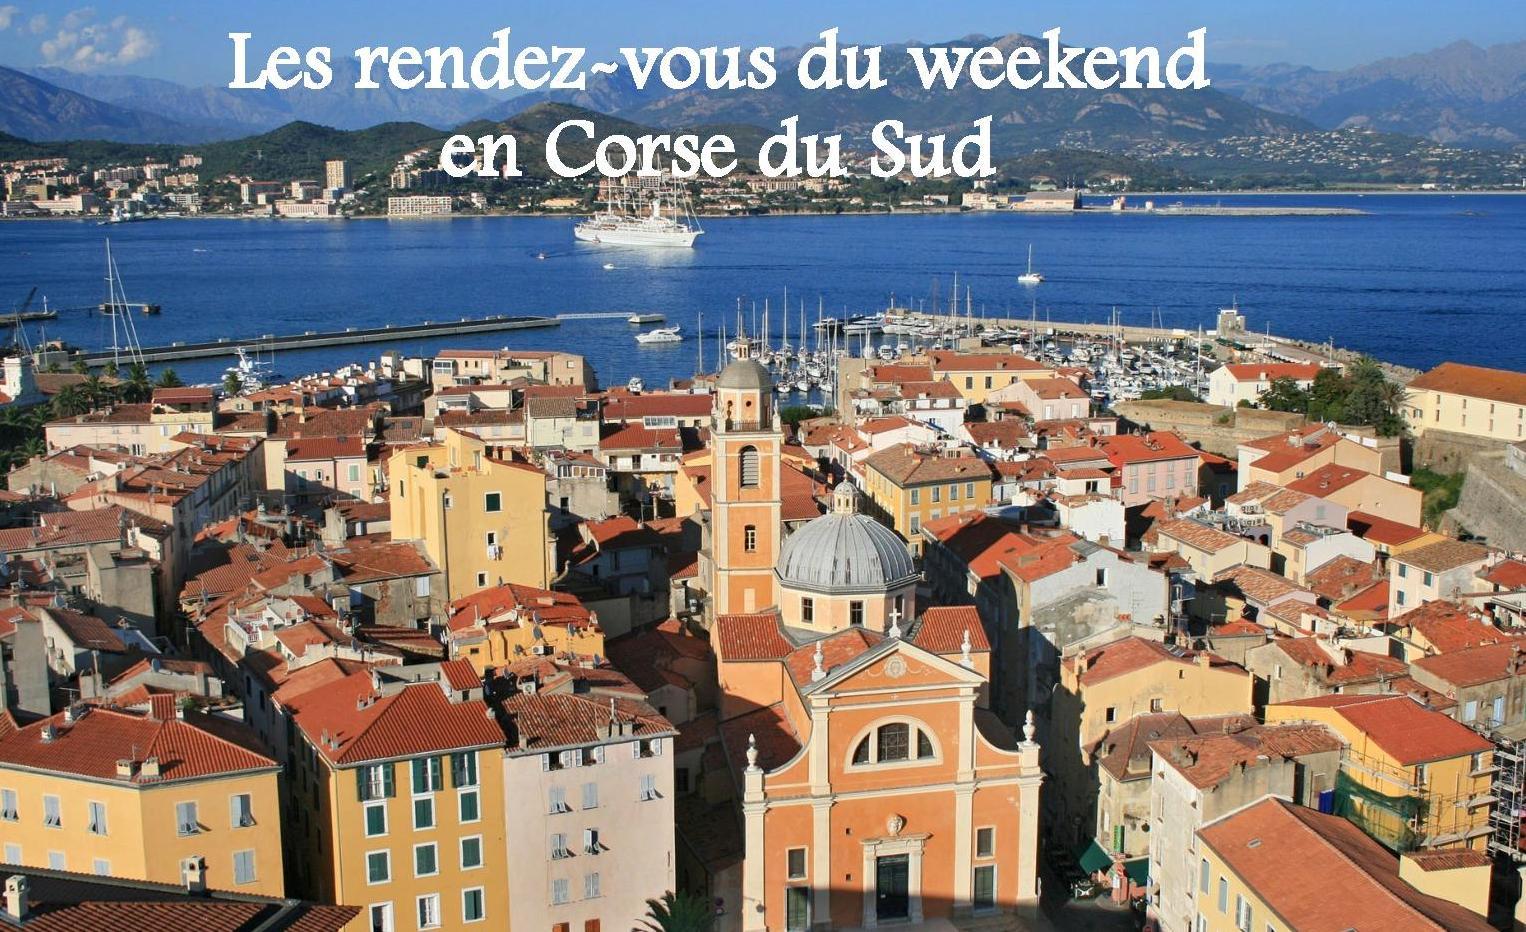 Que faire ce weekend en Corse du Sud? Nos idées de sortie